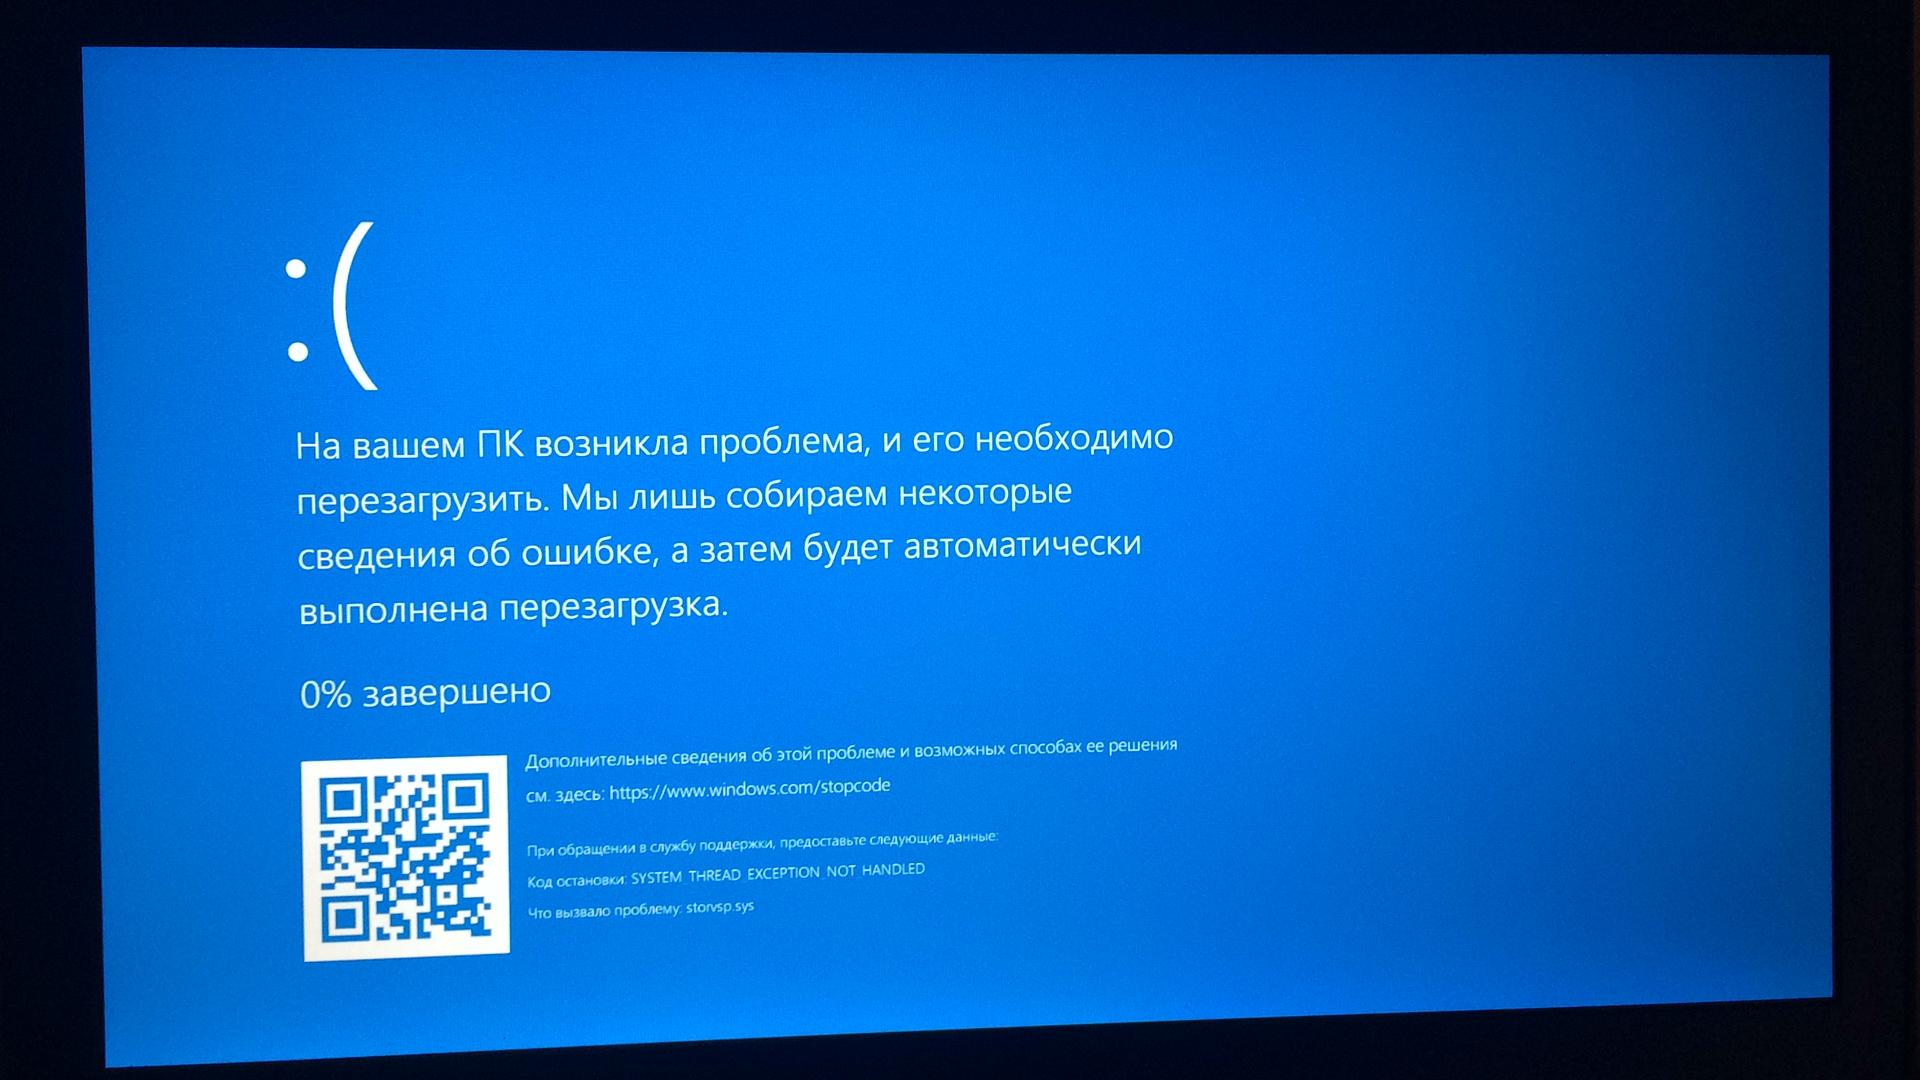 Windows 10 BSODs after Feb2020 patch today. 8cc951d1-c575-40da-a912-b3eea2f063d3?upload=true.jpg